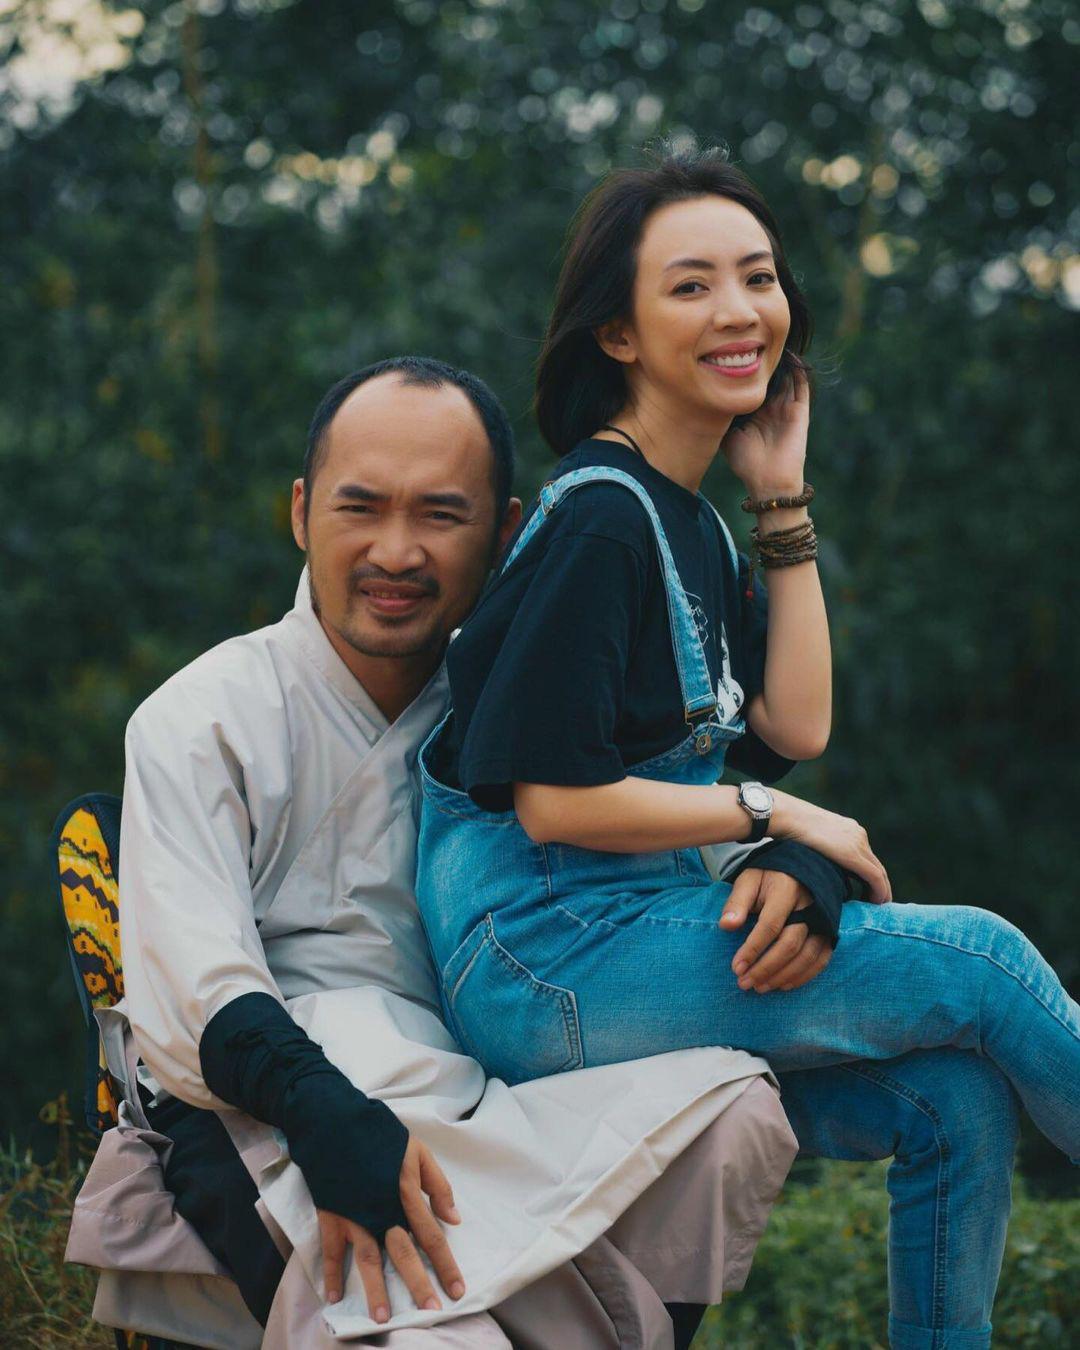 Hoàng Thùy Linh gợi cảm hút mắt, thần thái đỉnh cao trong hậu trường chụp hình thời trang - Ảnh 8.